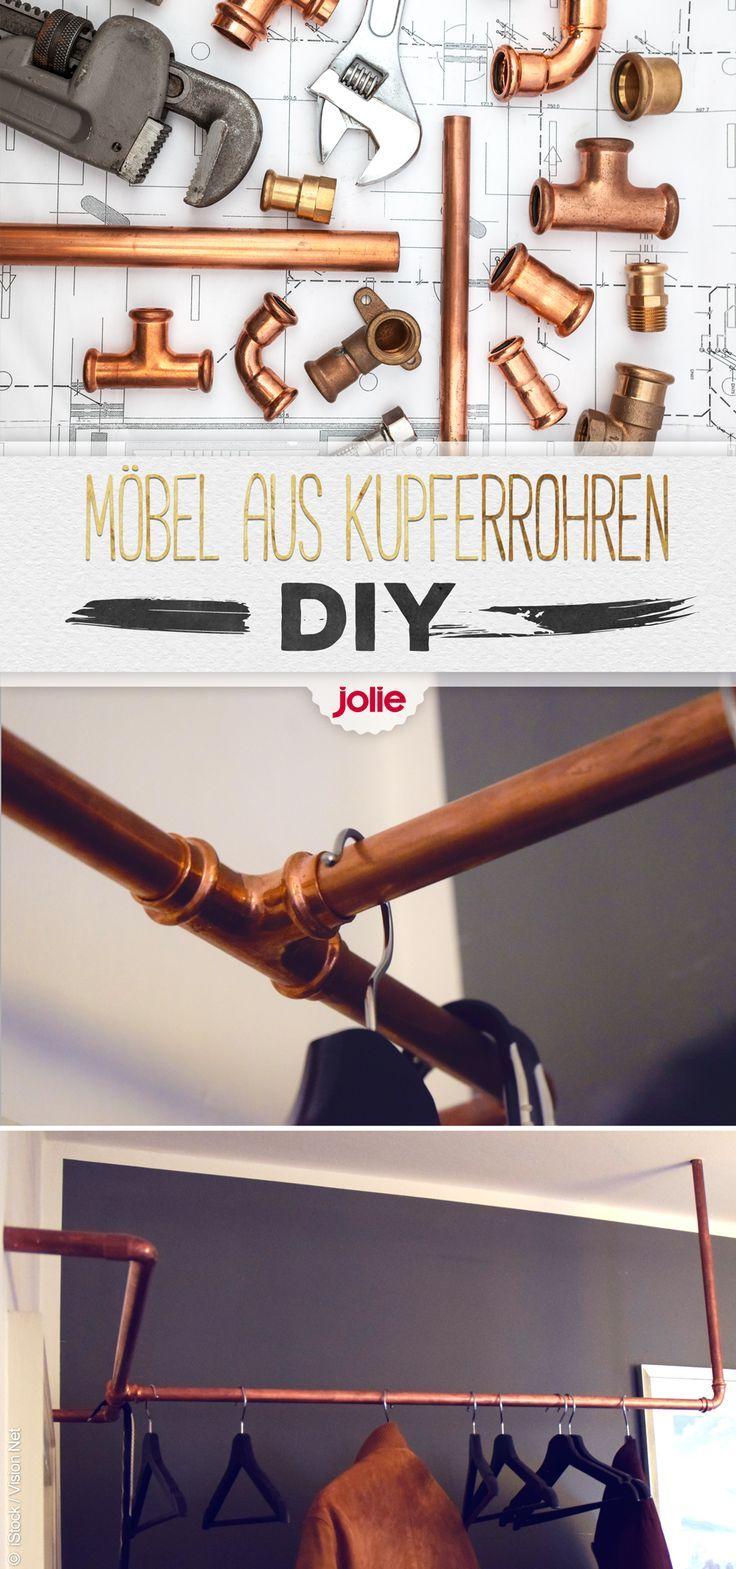 Industrial Design und DIY mit Kupferrohren